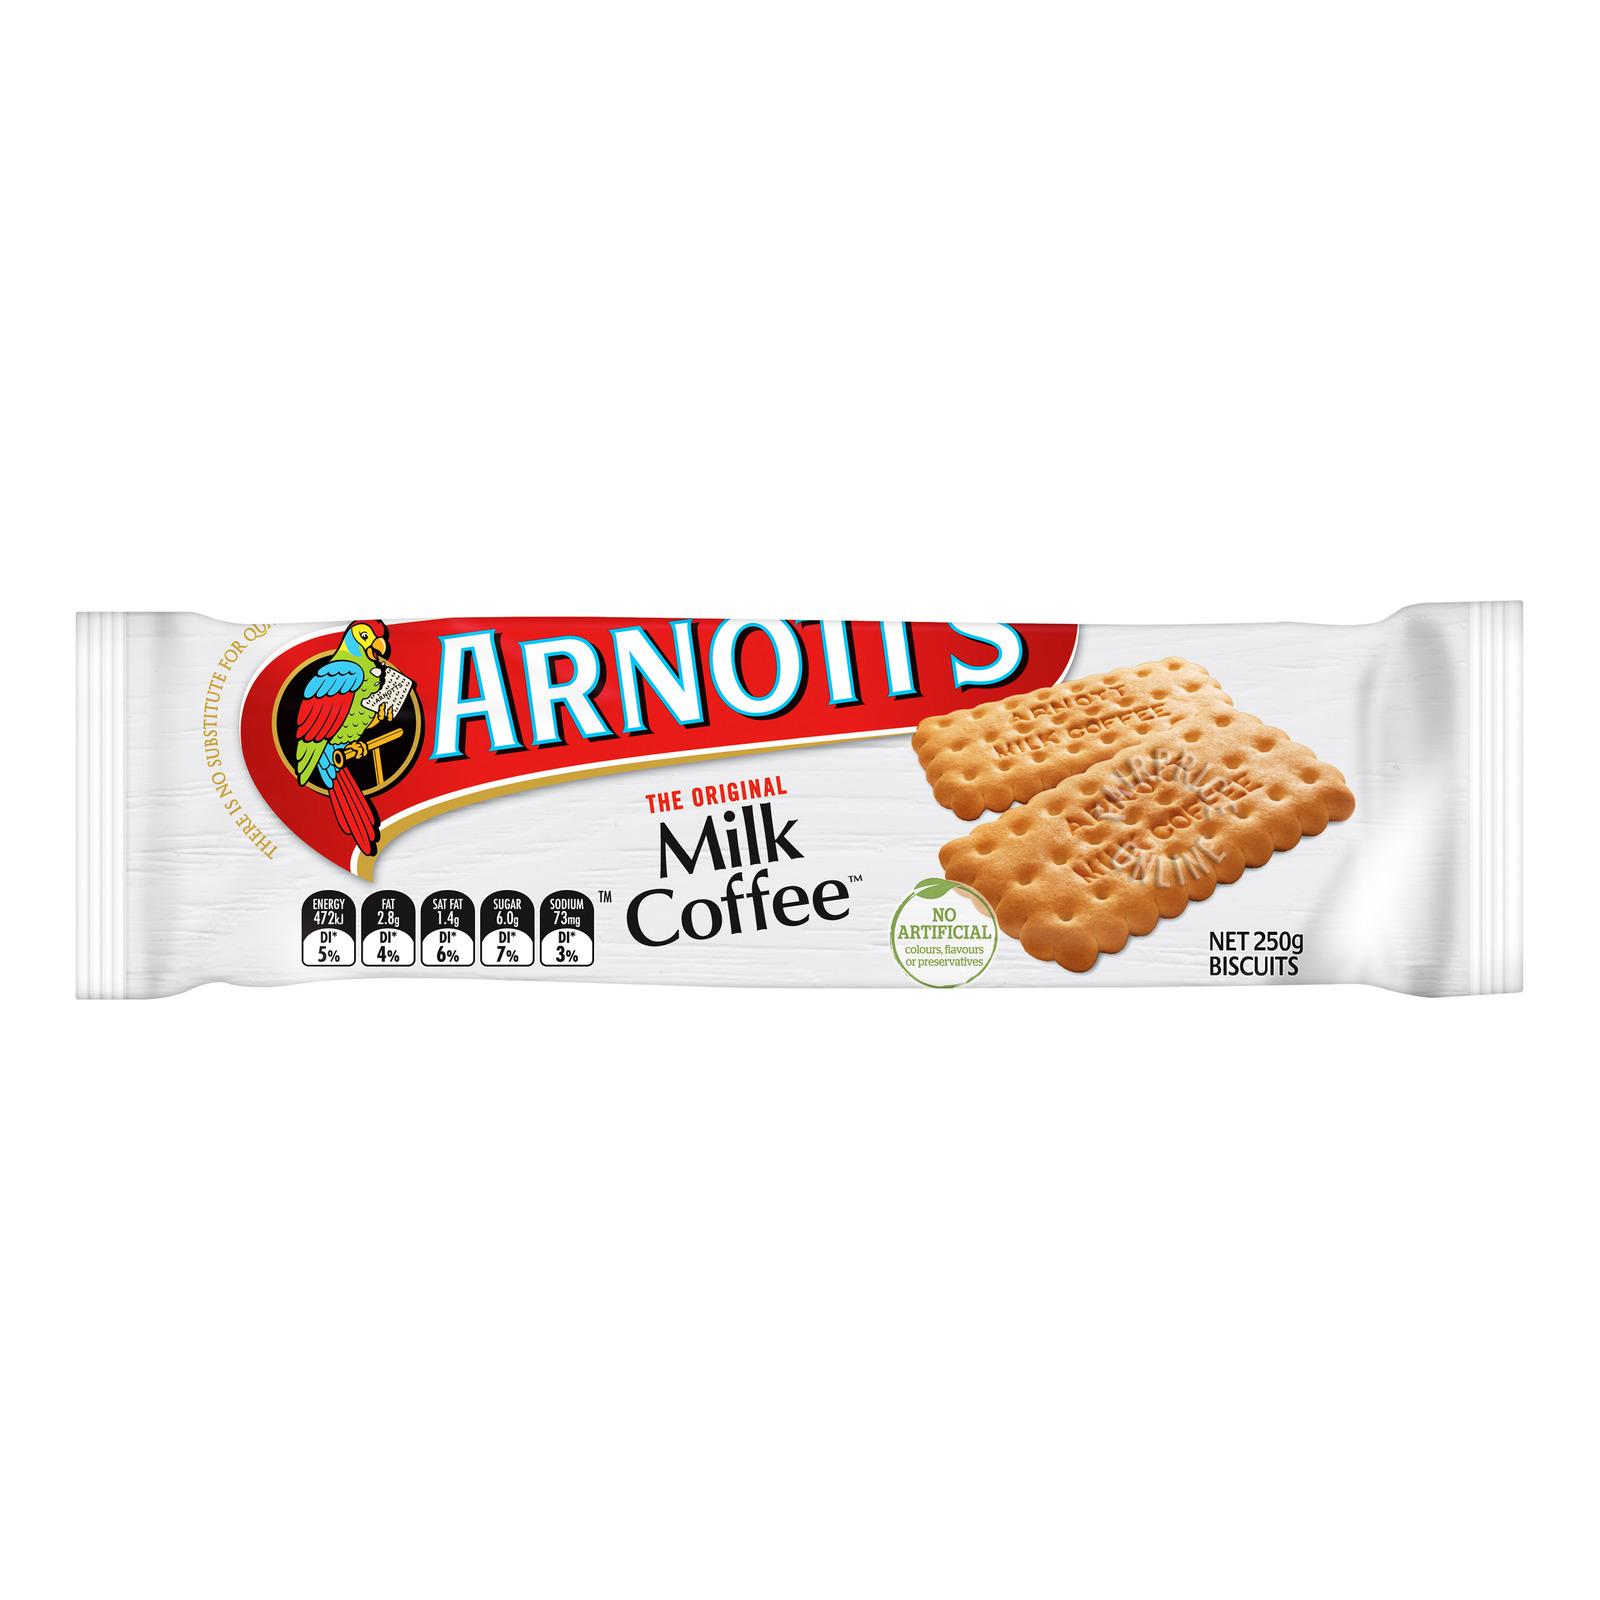 ARNOTT'S Milk Arrowroot Biscuits